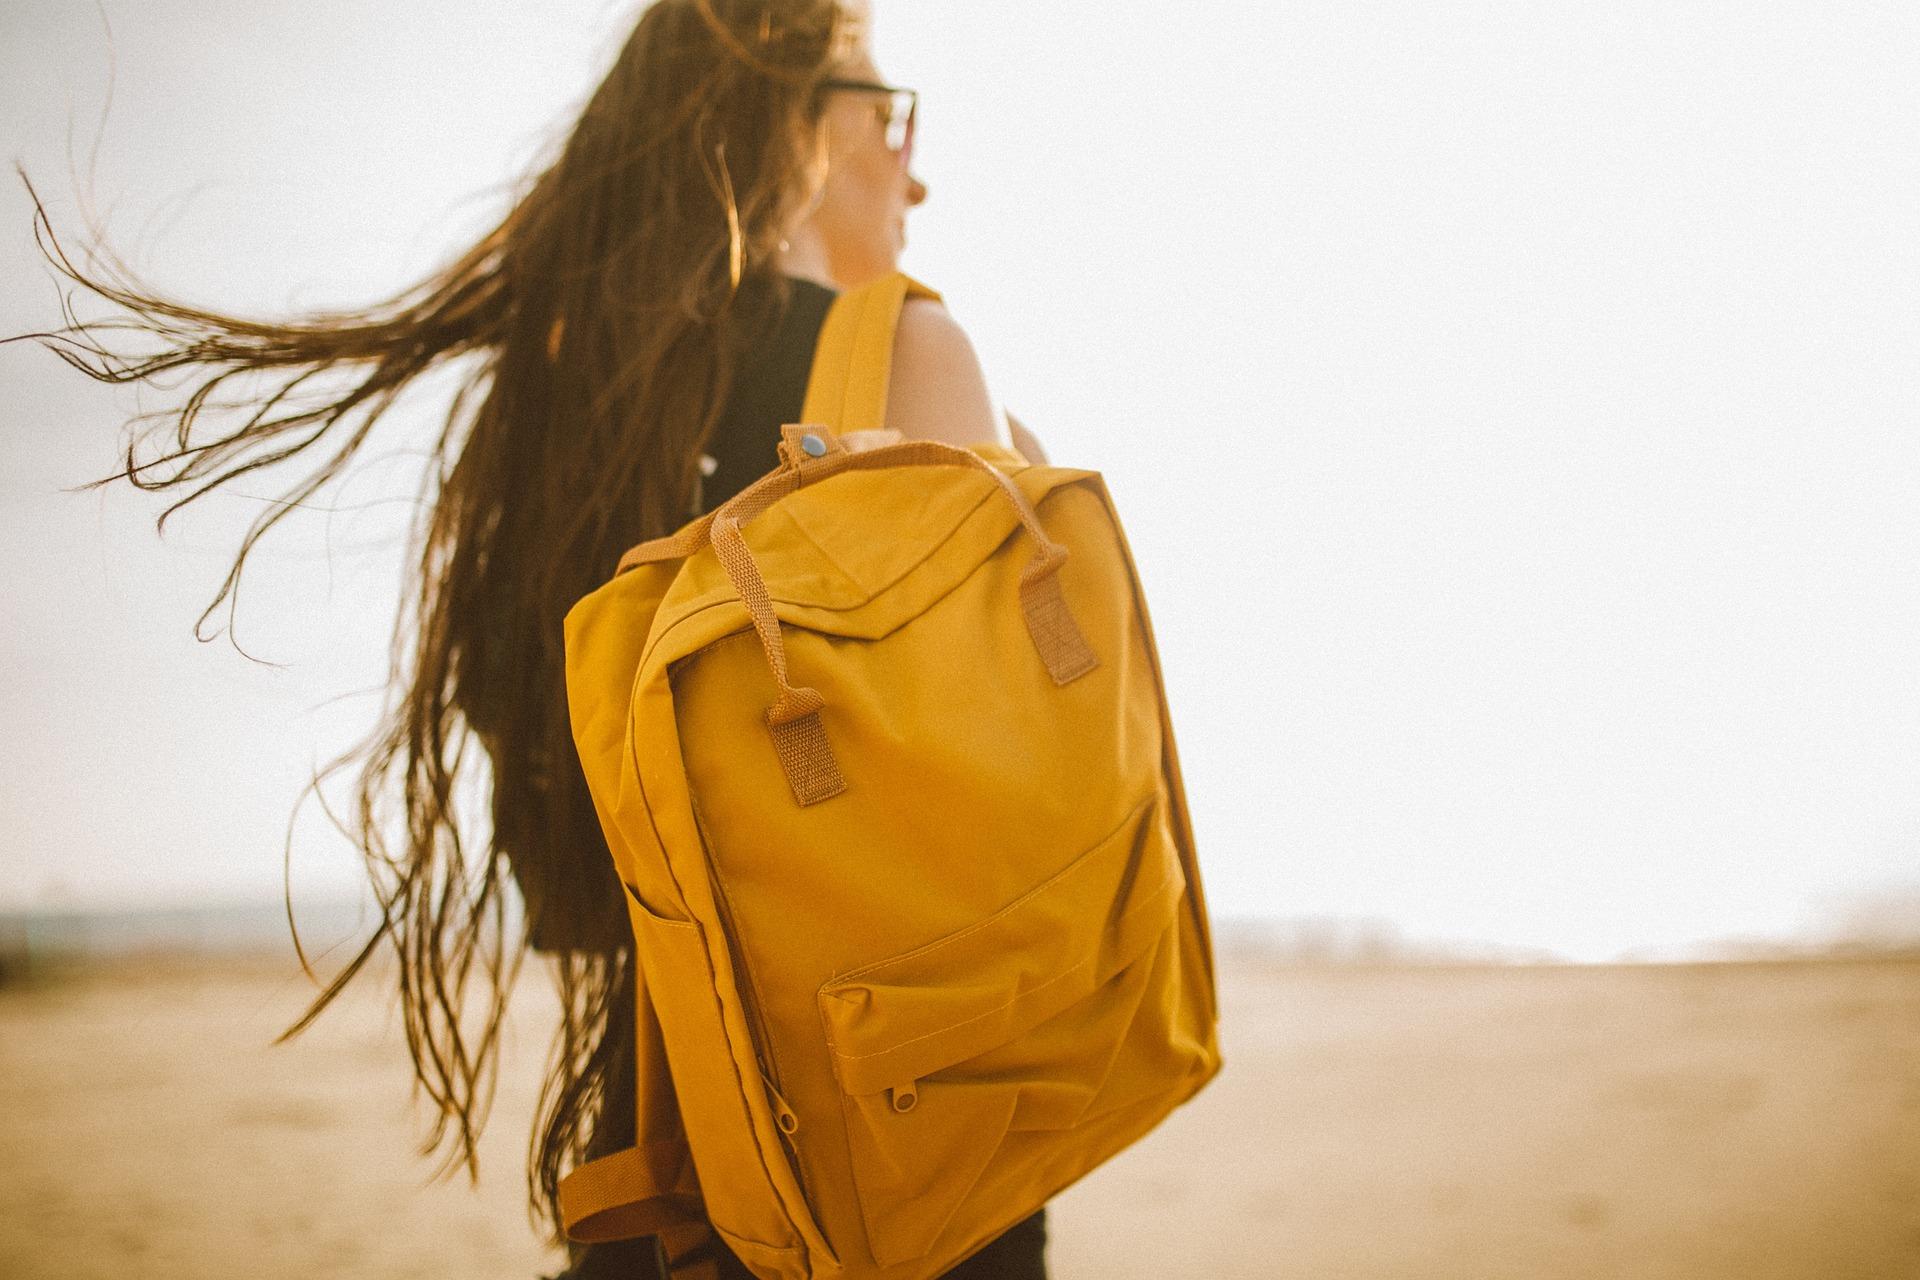 Mädchen mit gelbem Rucksack